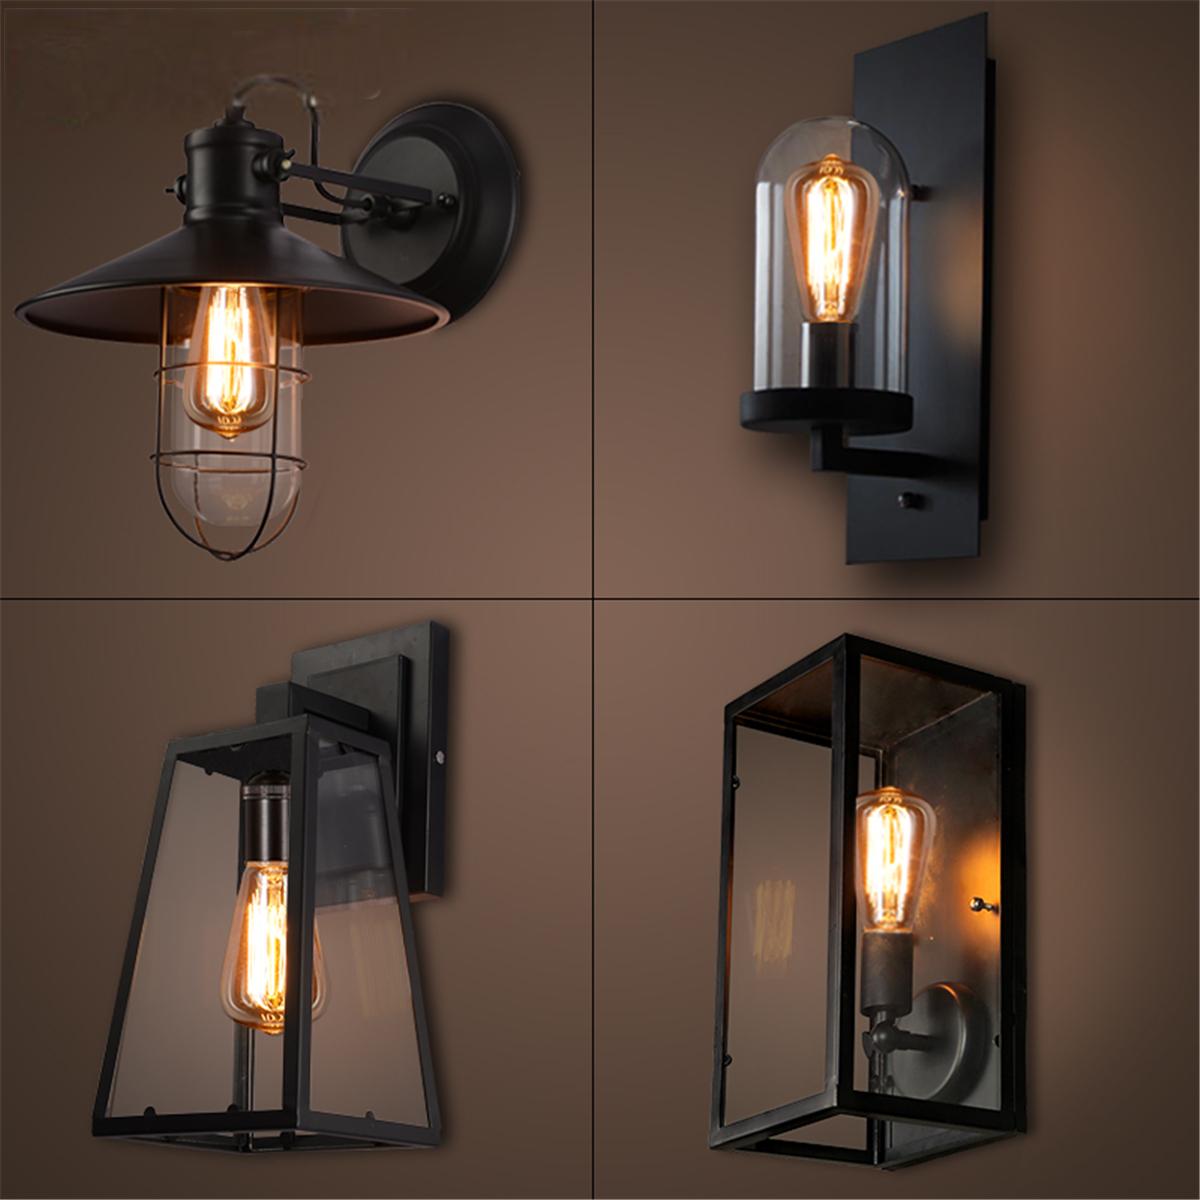 Imagen de Lámpara de pared Vintage al aire libre lámpara de la linterna Lámpara de pared de acero inoxidable patio negro